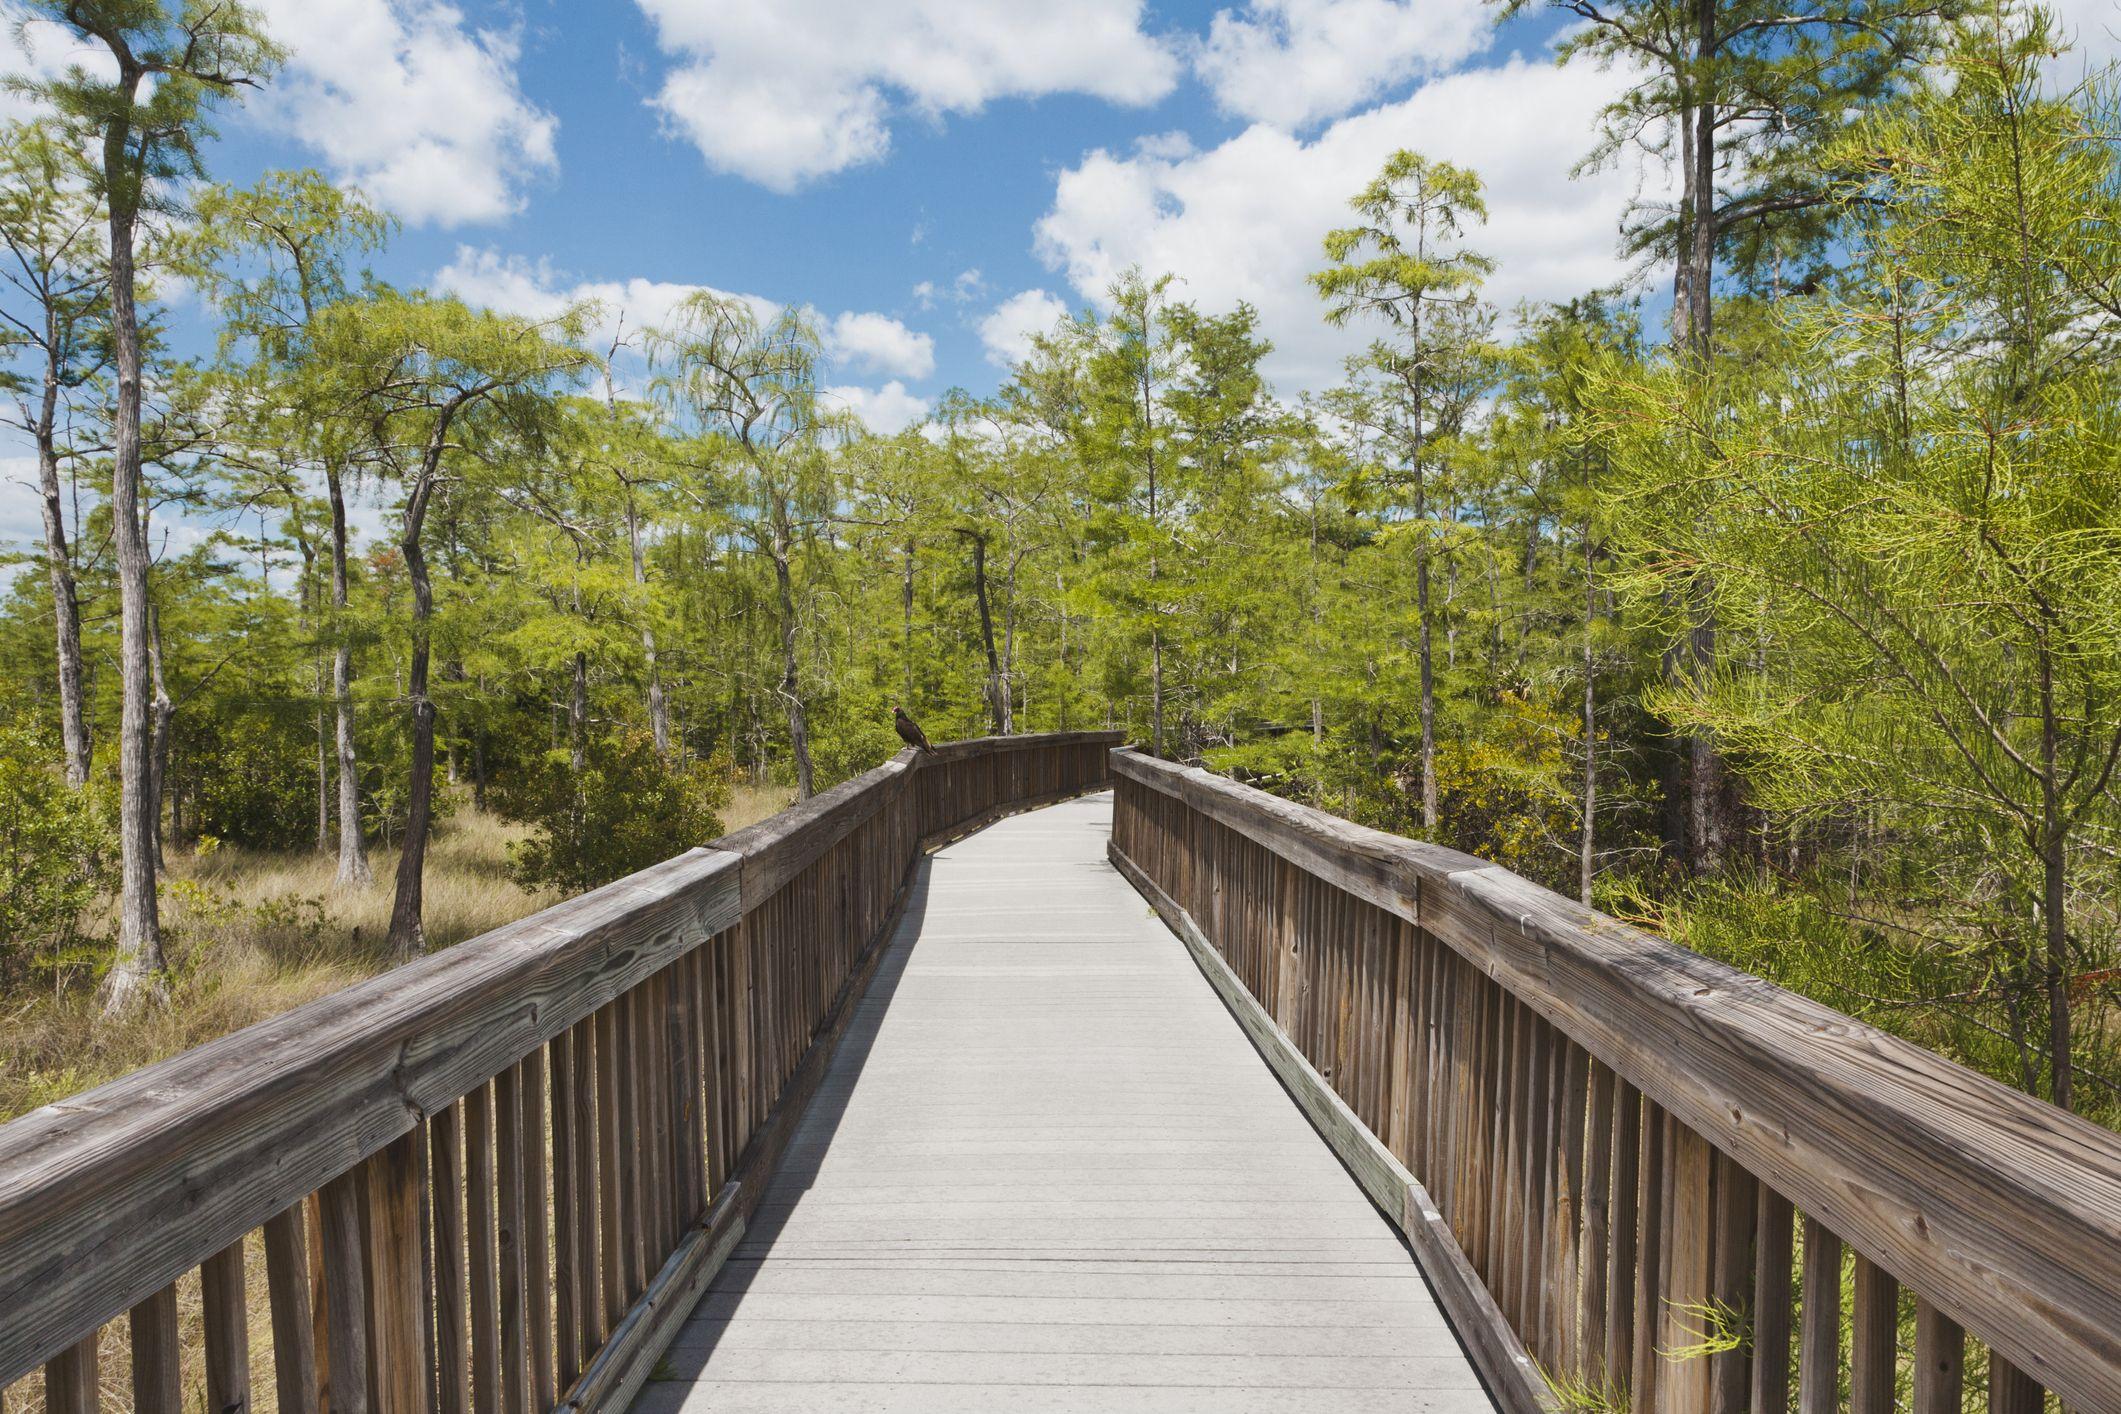 Boardwalk through the Everglades